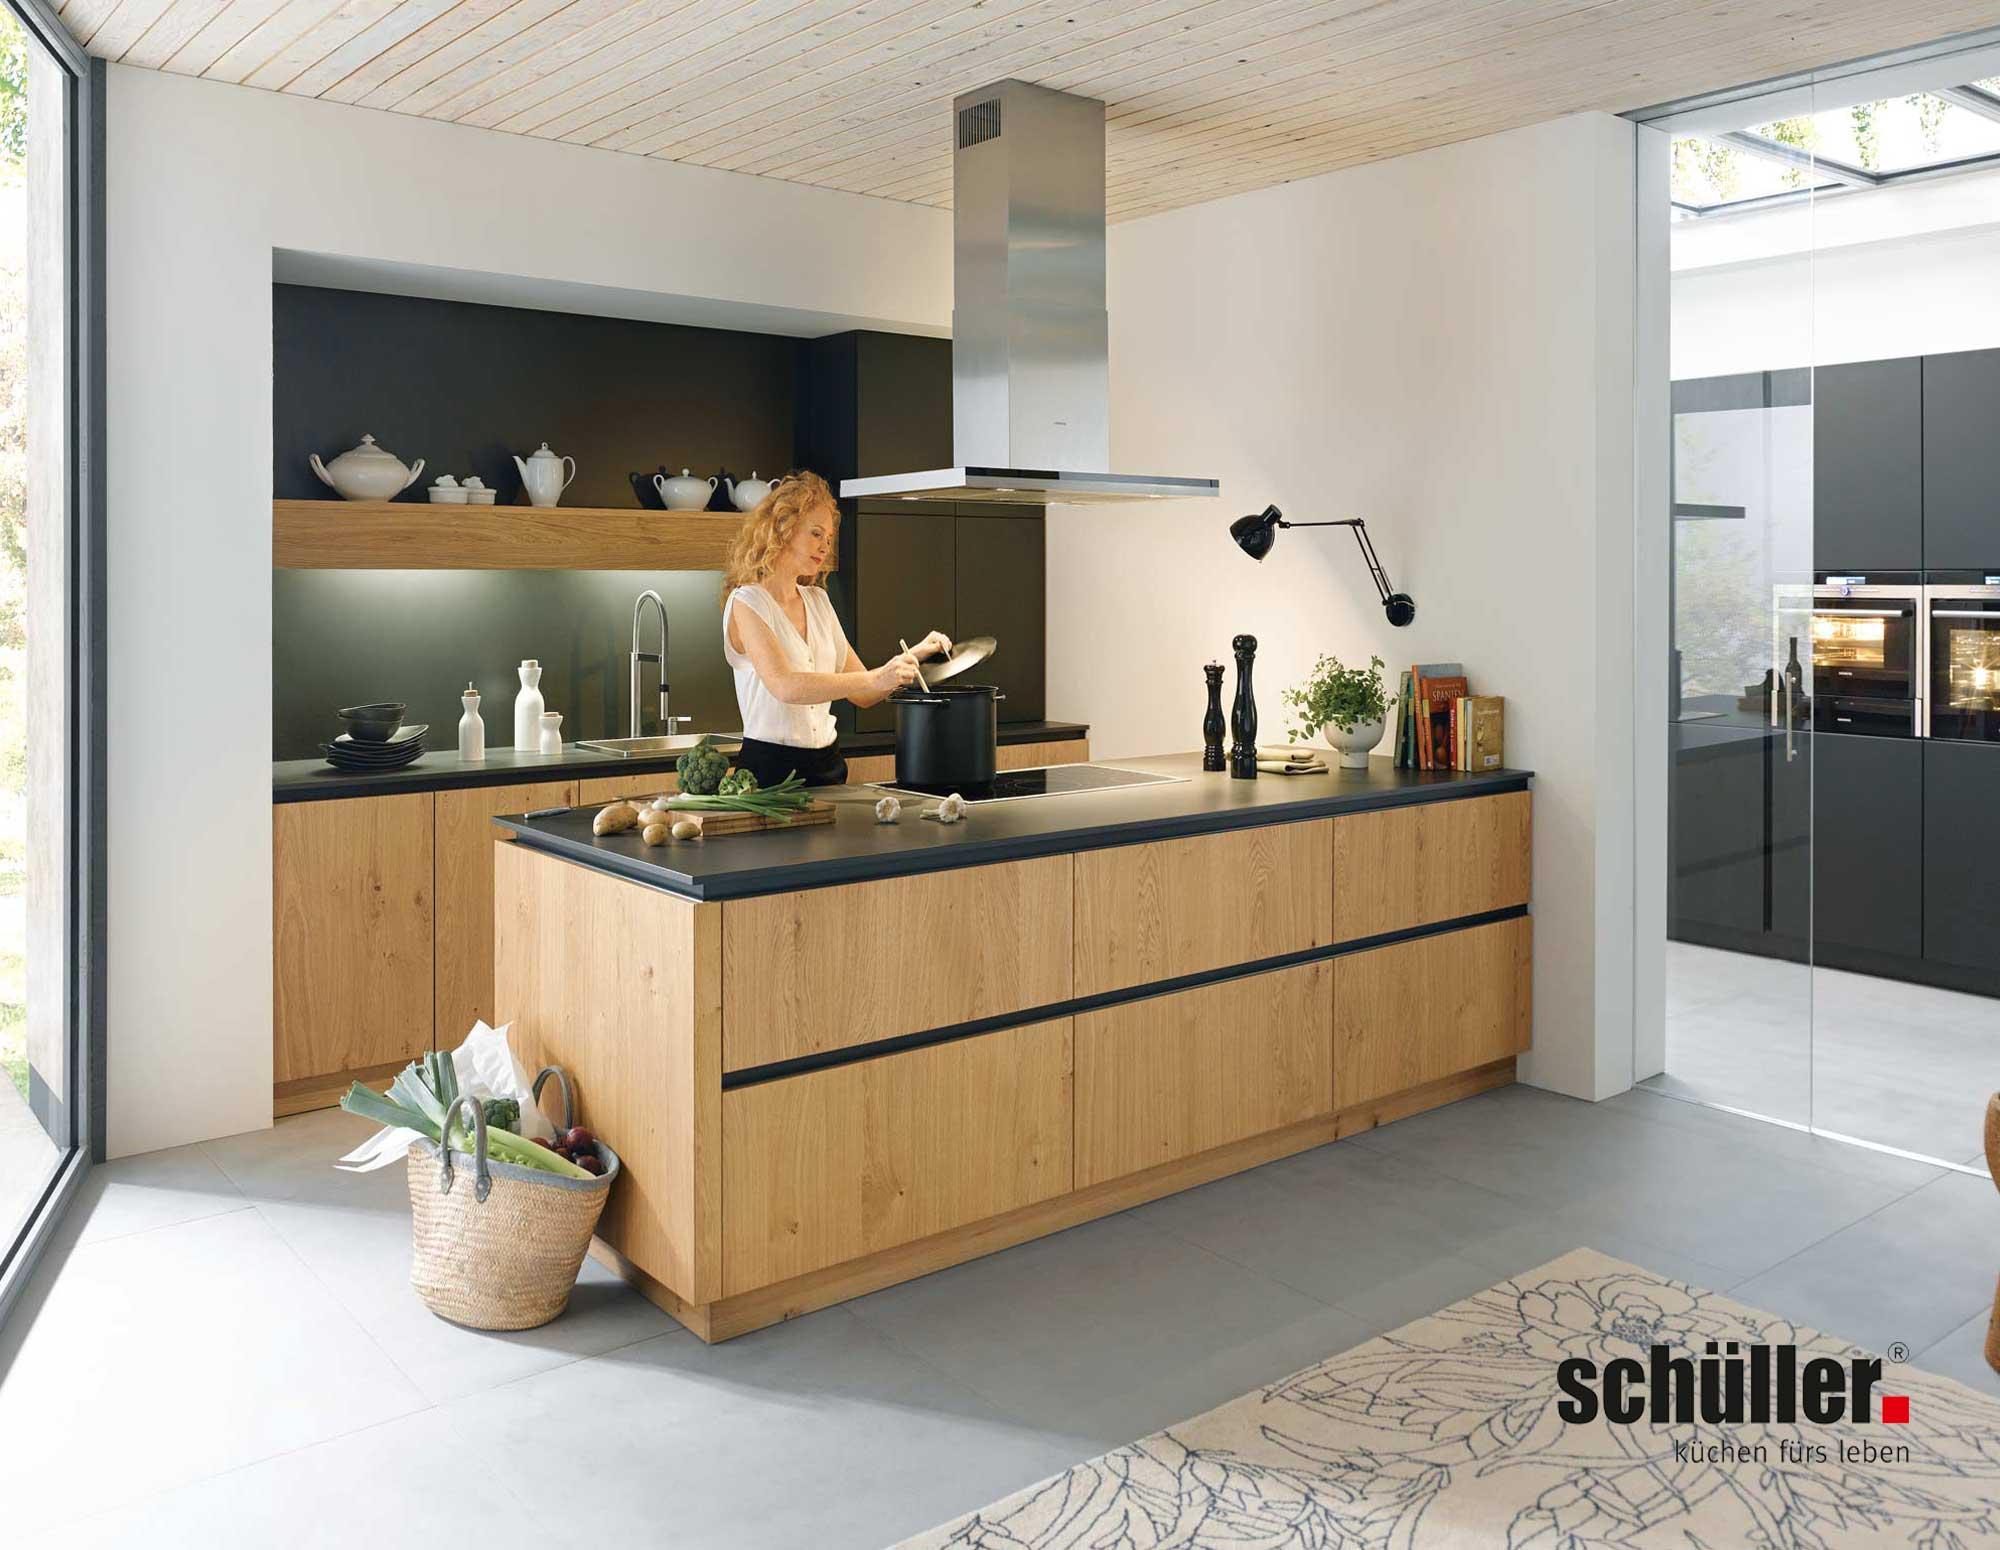 Full Size of Inselküche Abverkauf Schller Kche Rocca Im Puristischen Design Jetzt Online Stbern Bad Küche Inselküche Abverkauf